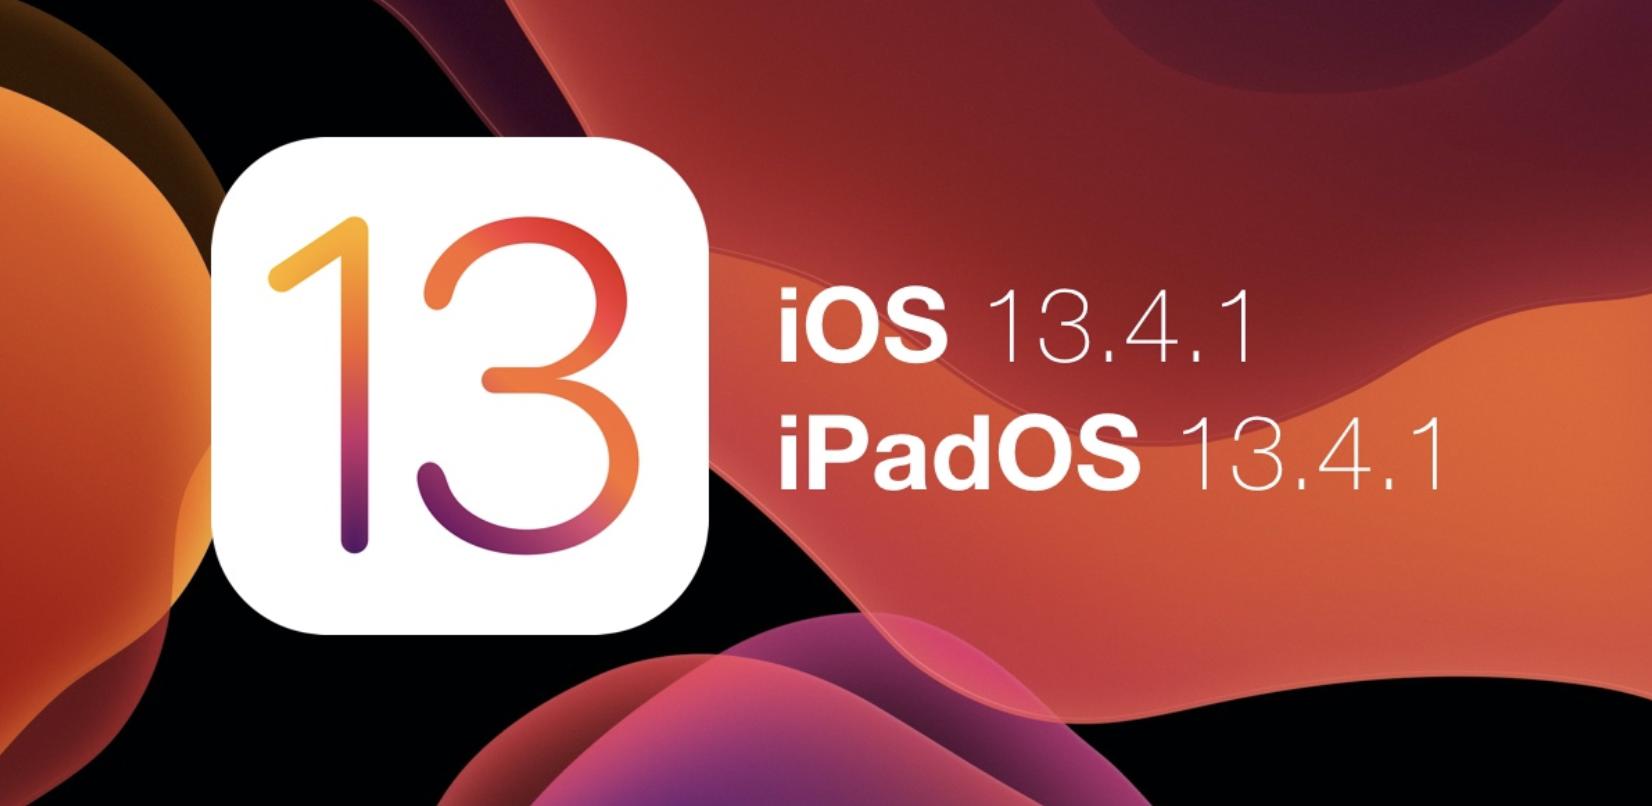 Az Apple javította a FaceTime hibát - Megérkezett az iOS 13.4.1